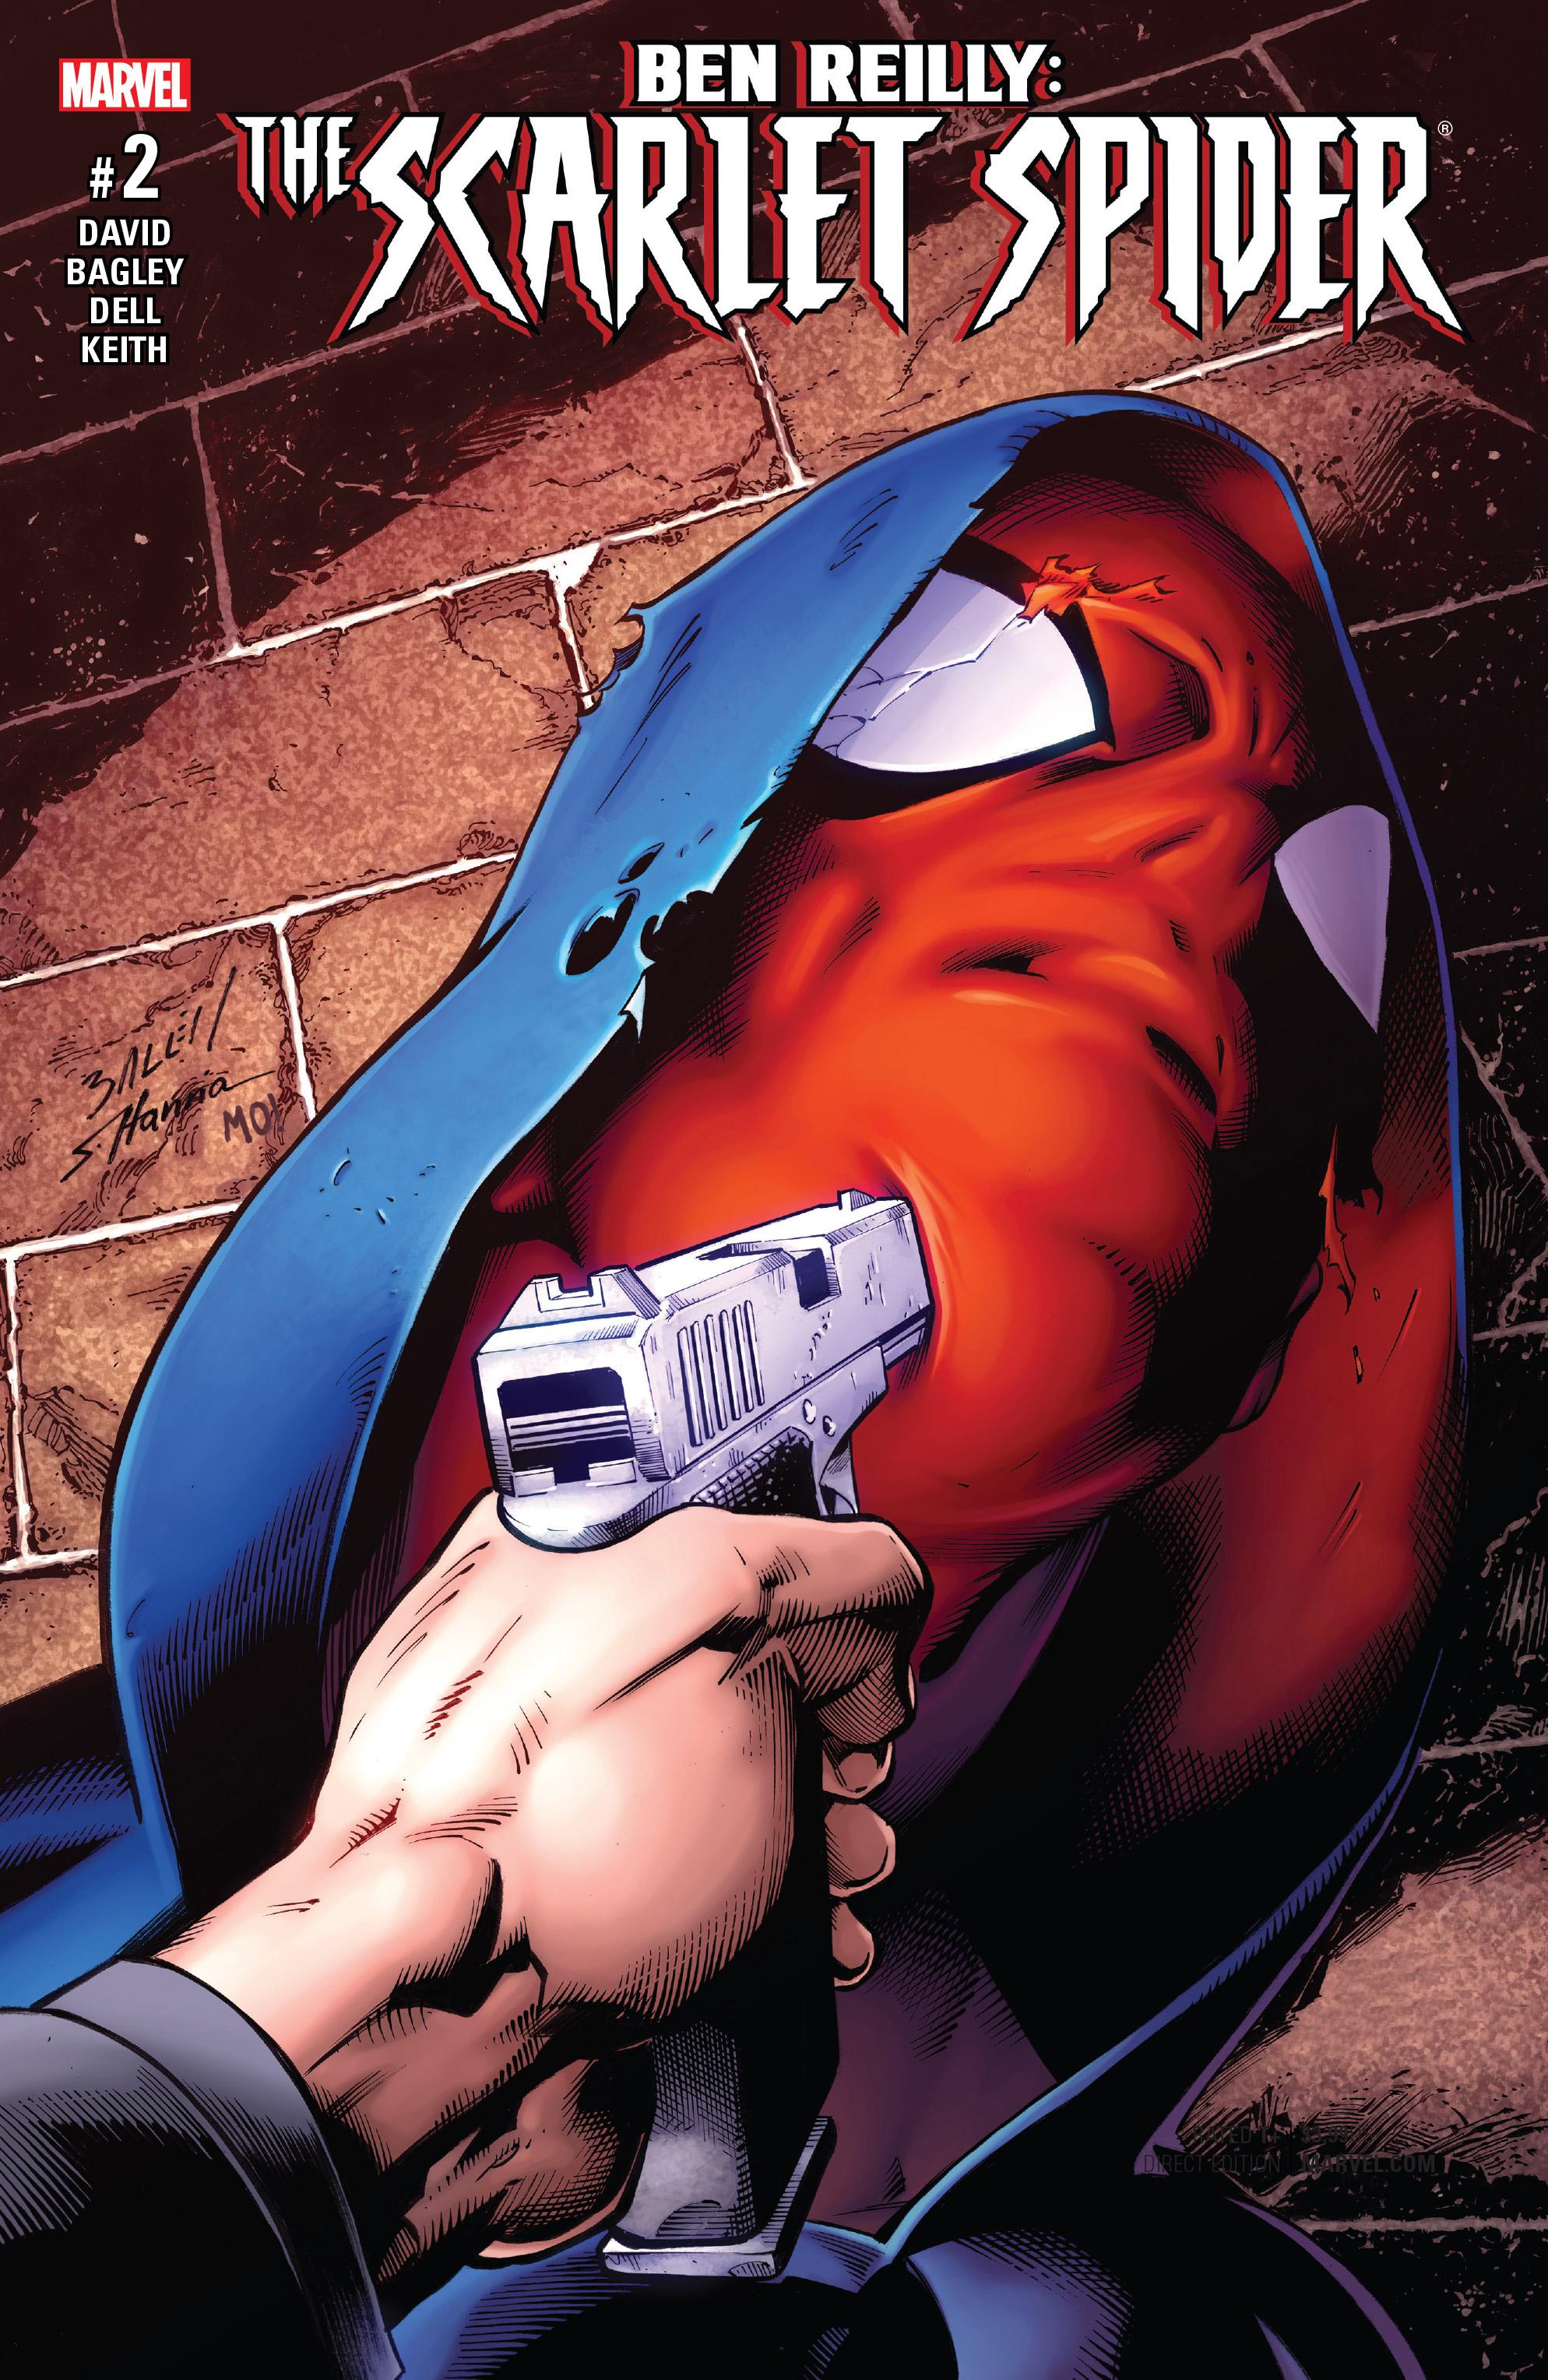 Read online Ben Reilly: Scarlet Spider comic -  Issue #2 - 1